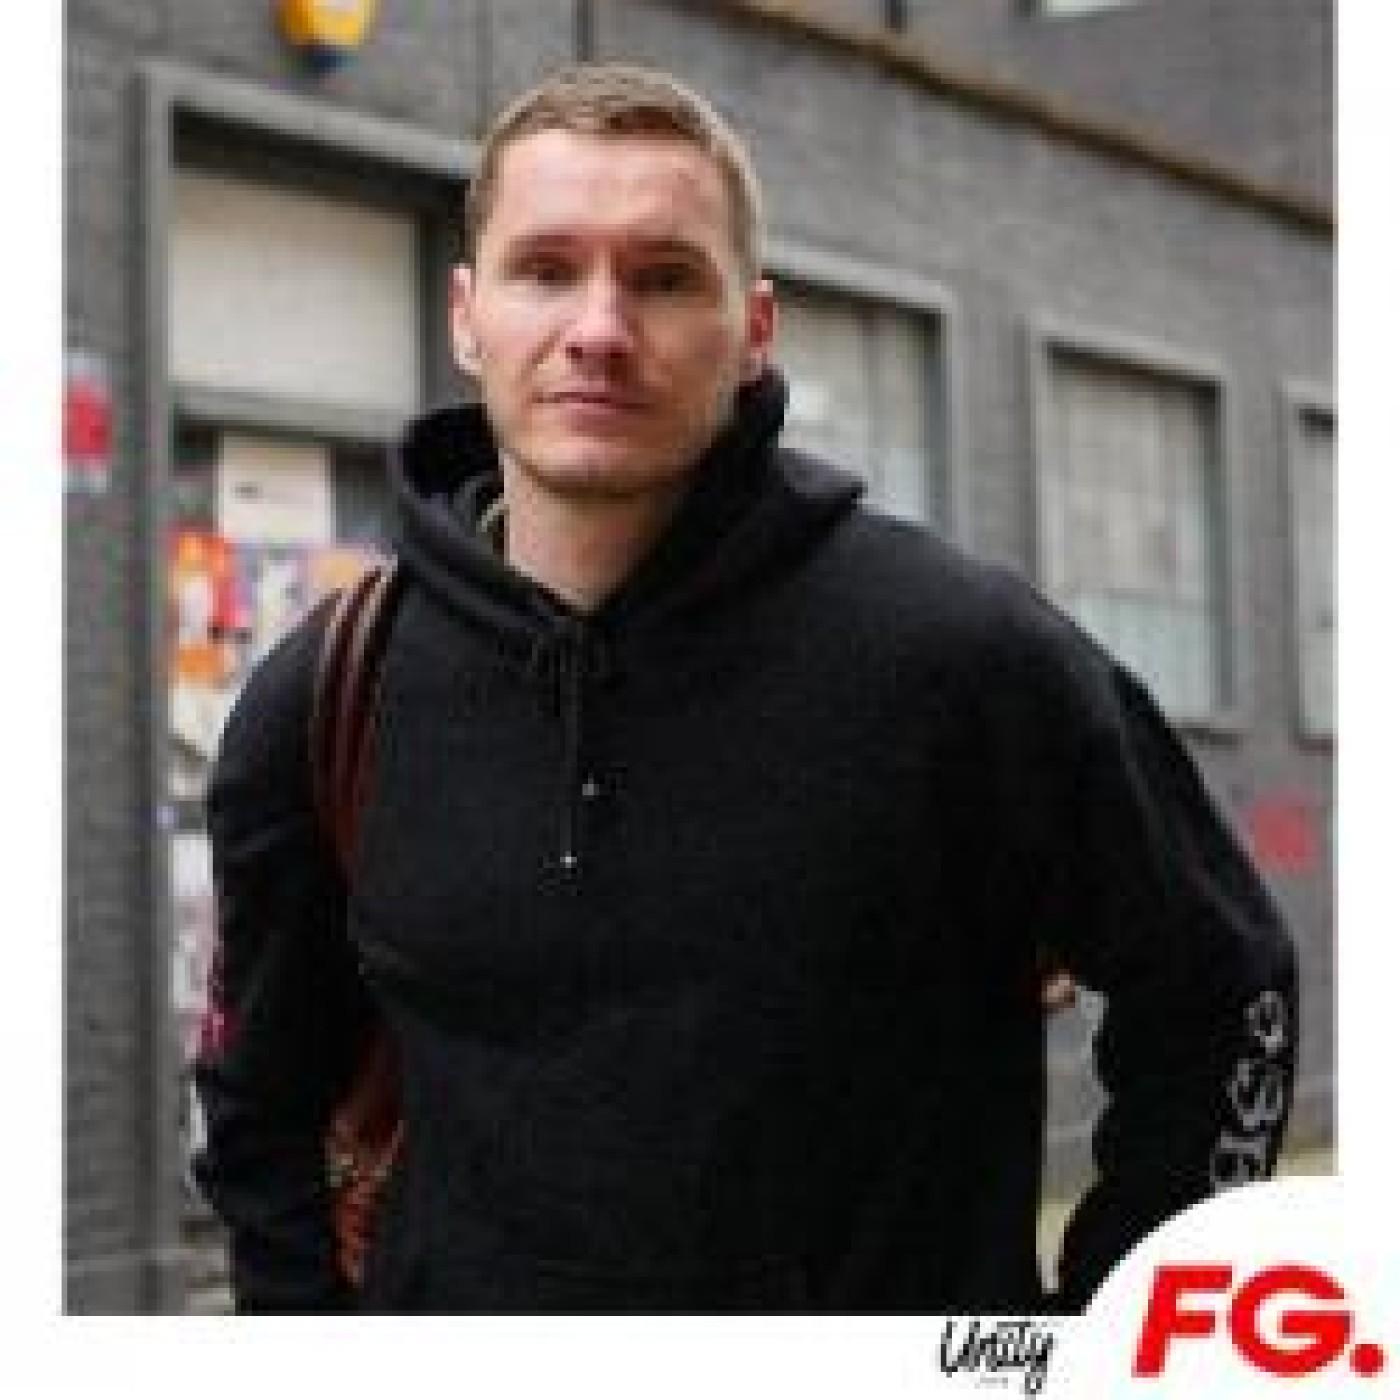 CLUB FG : FABICH